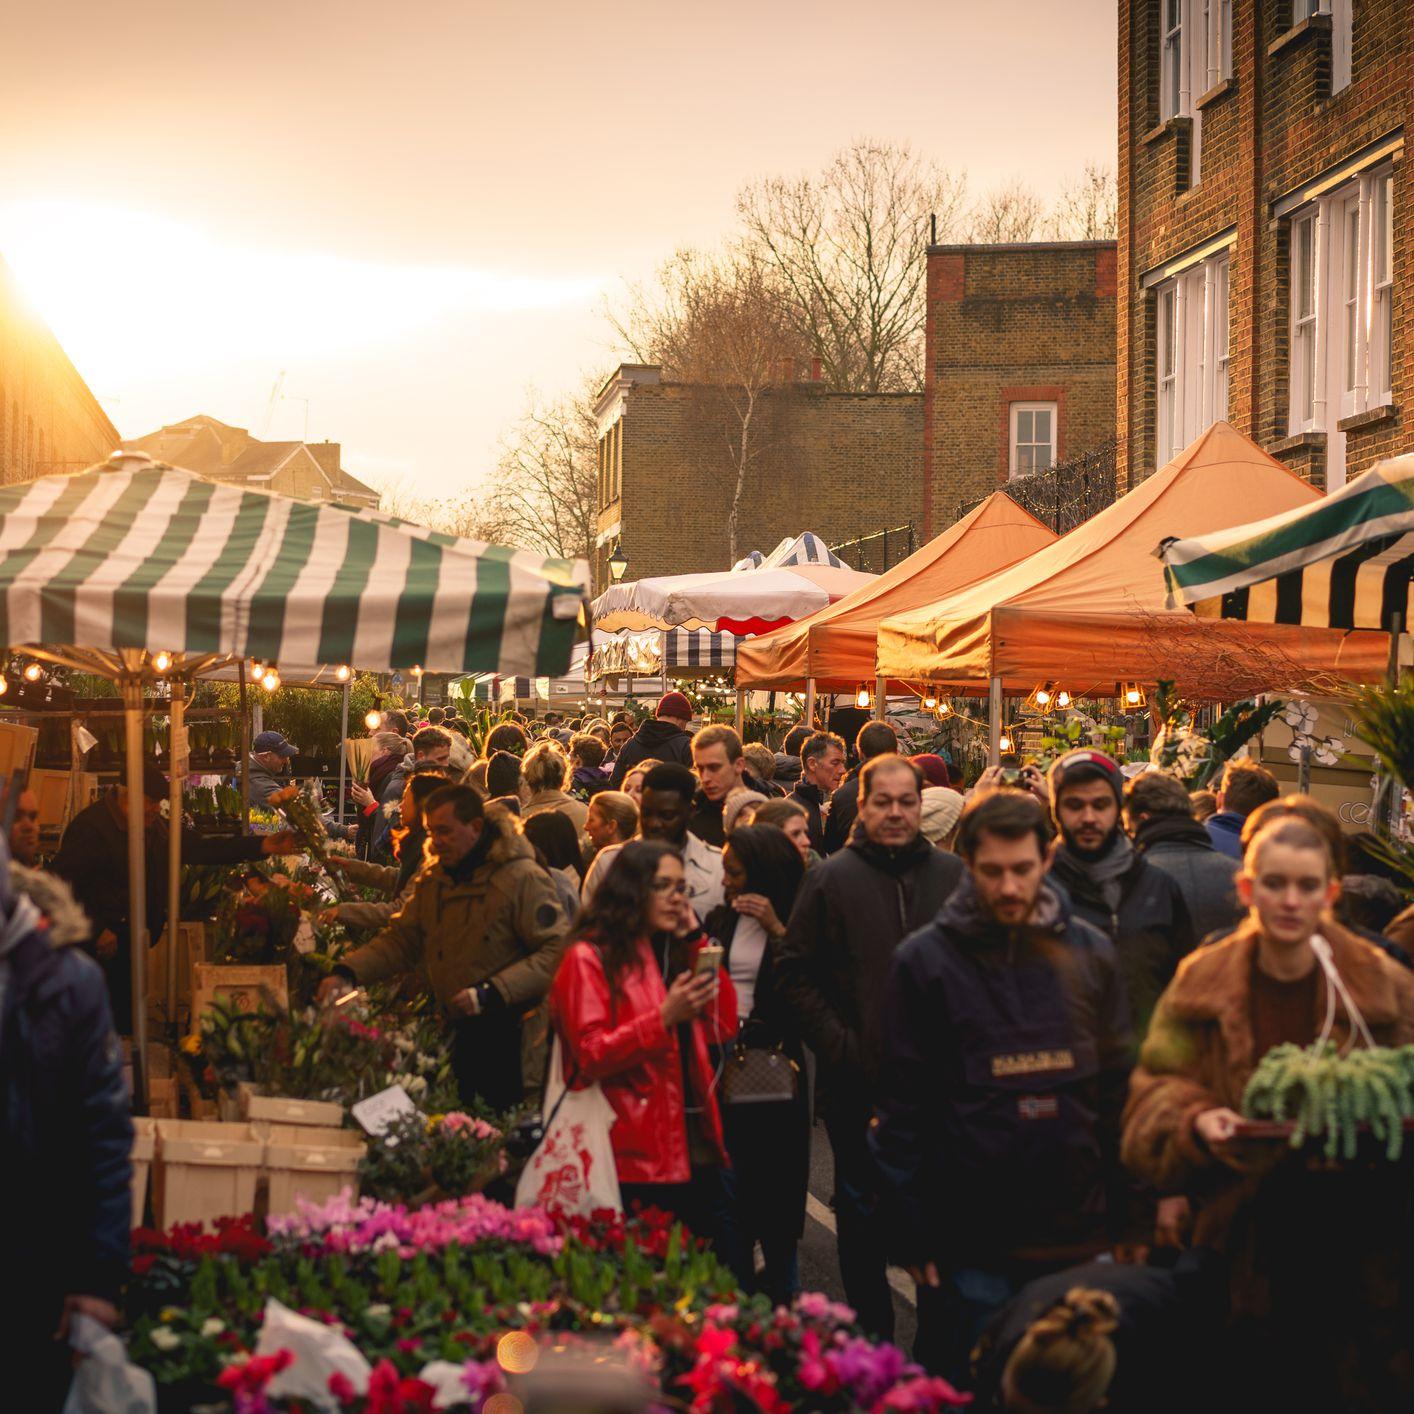 10 of the Best Street Markets in London